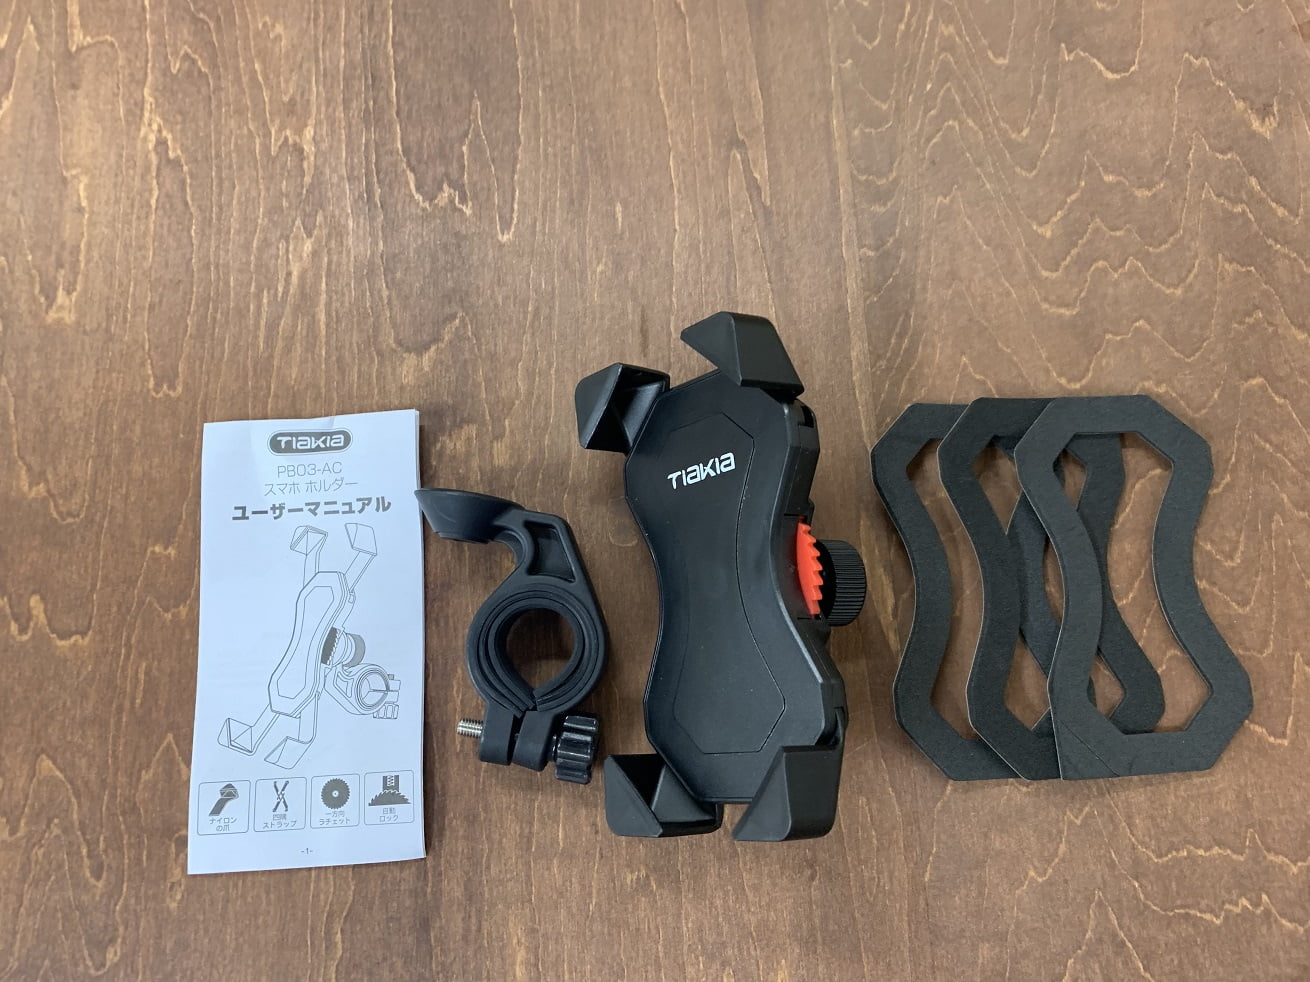 自転車スマホホルダー「Tiakia PB03-AC」内容物